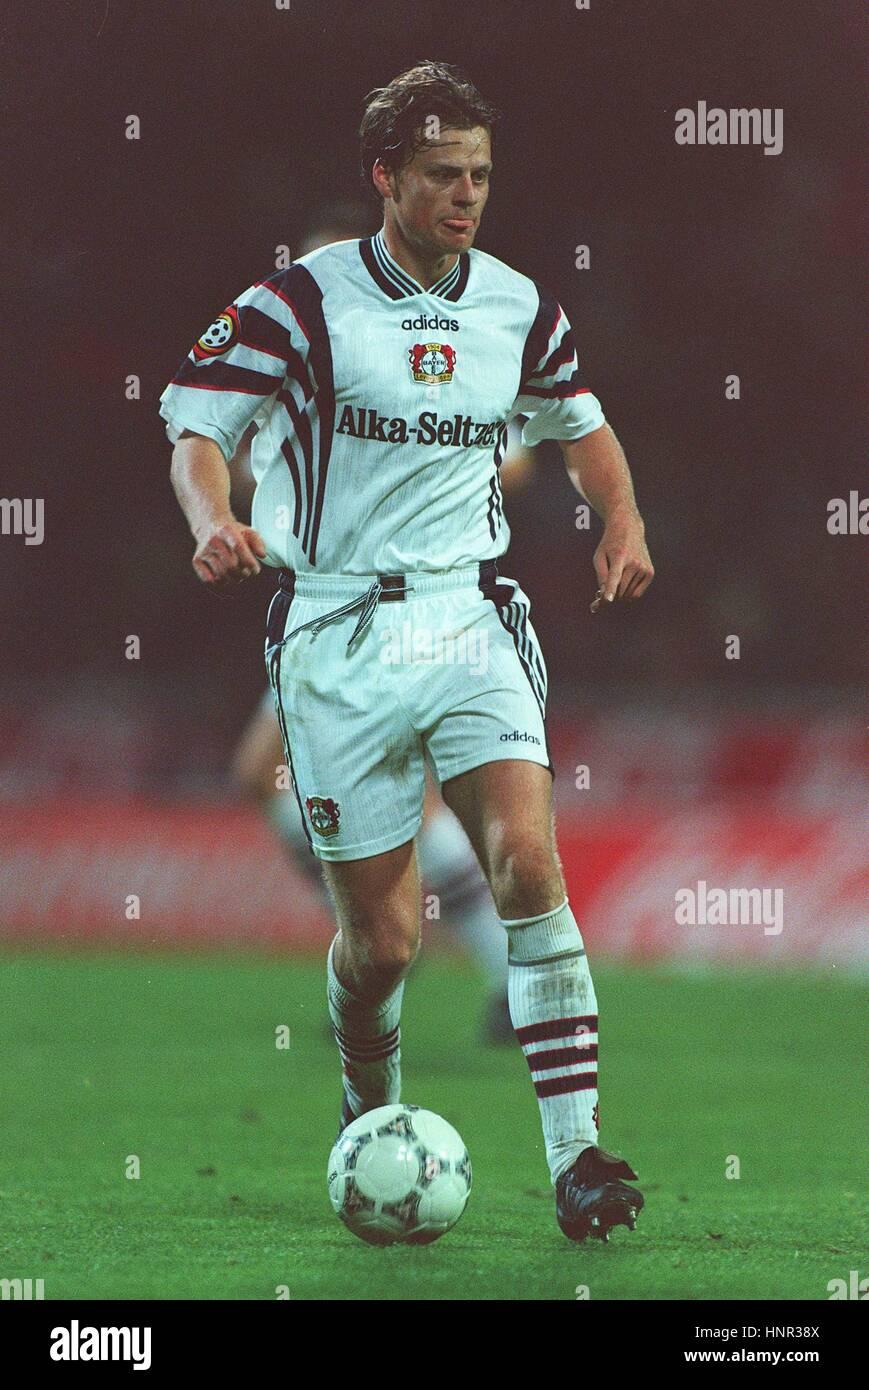 CHRISTIAN WORNS TSV BAYER O4 LEVERKUSEN 04 November 1996 - Stock Image